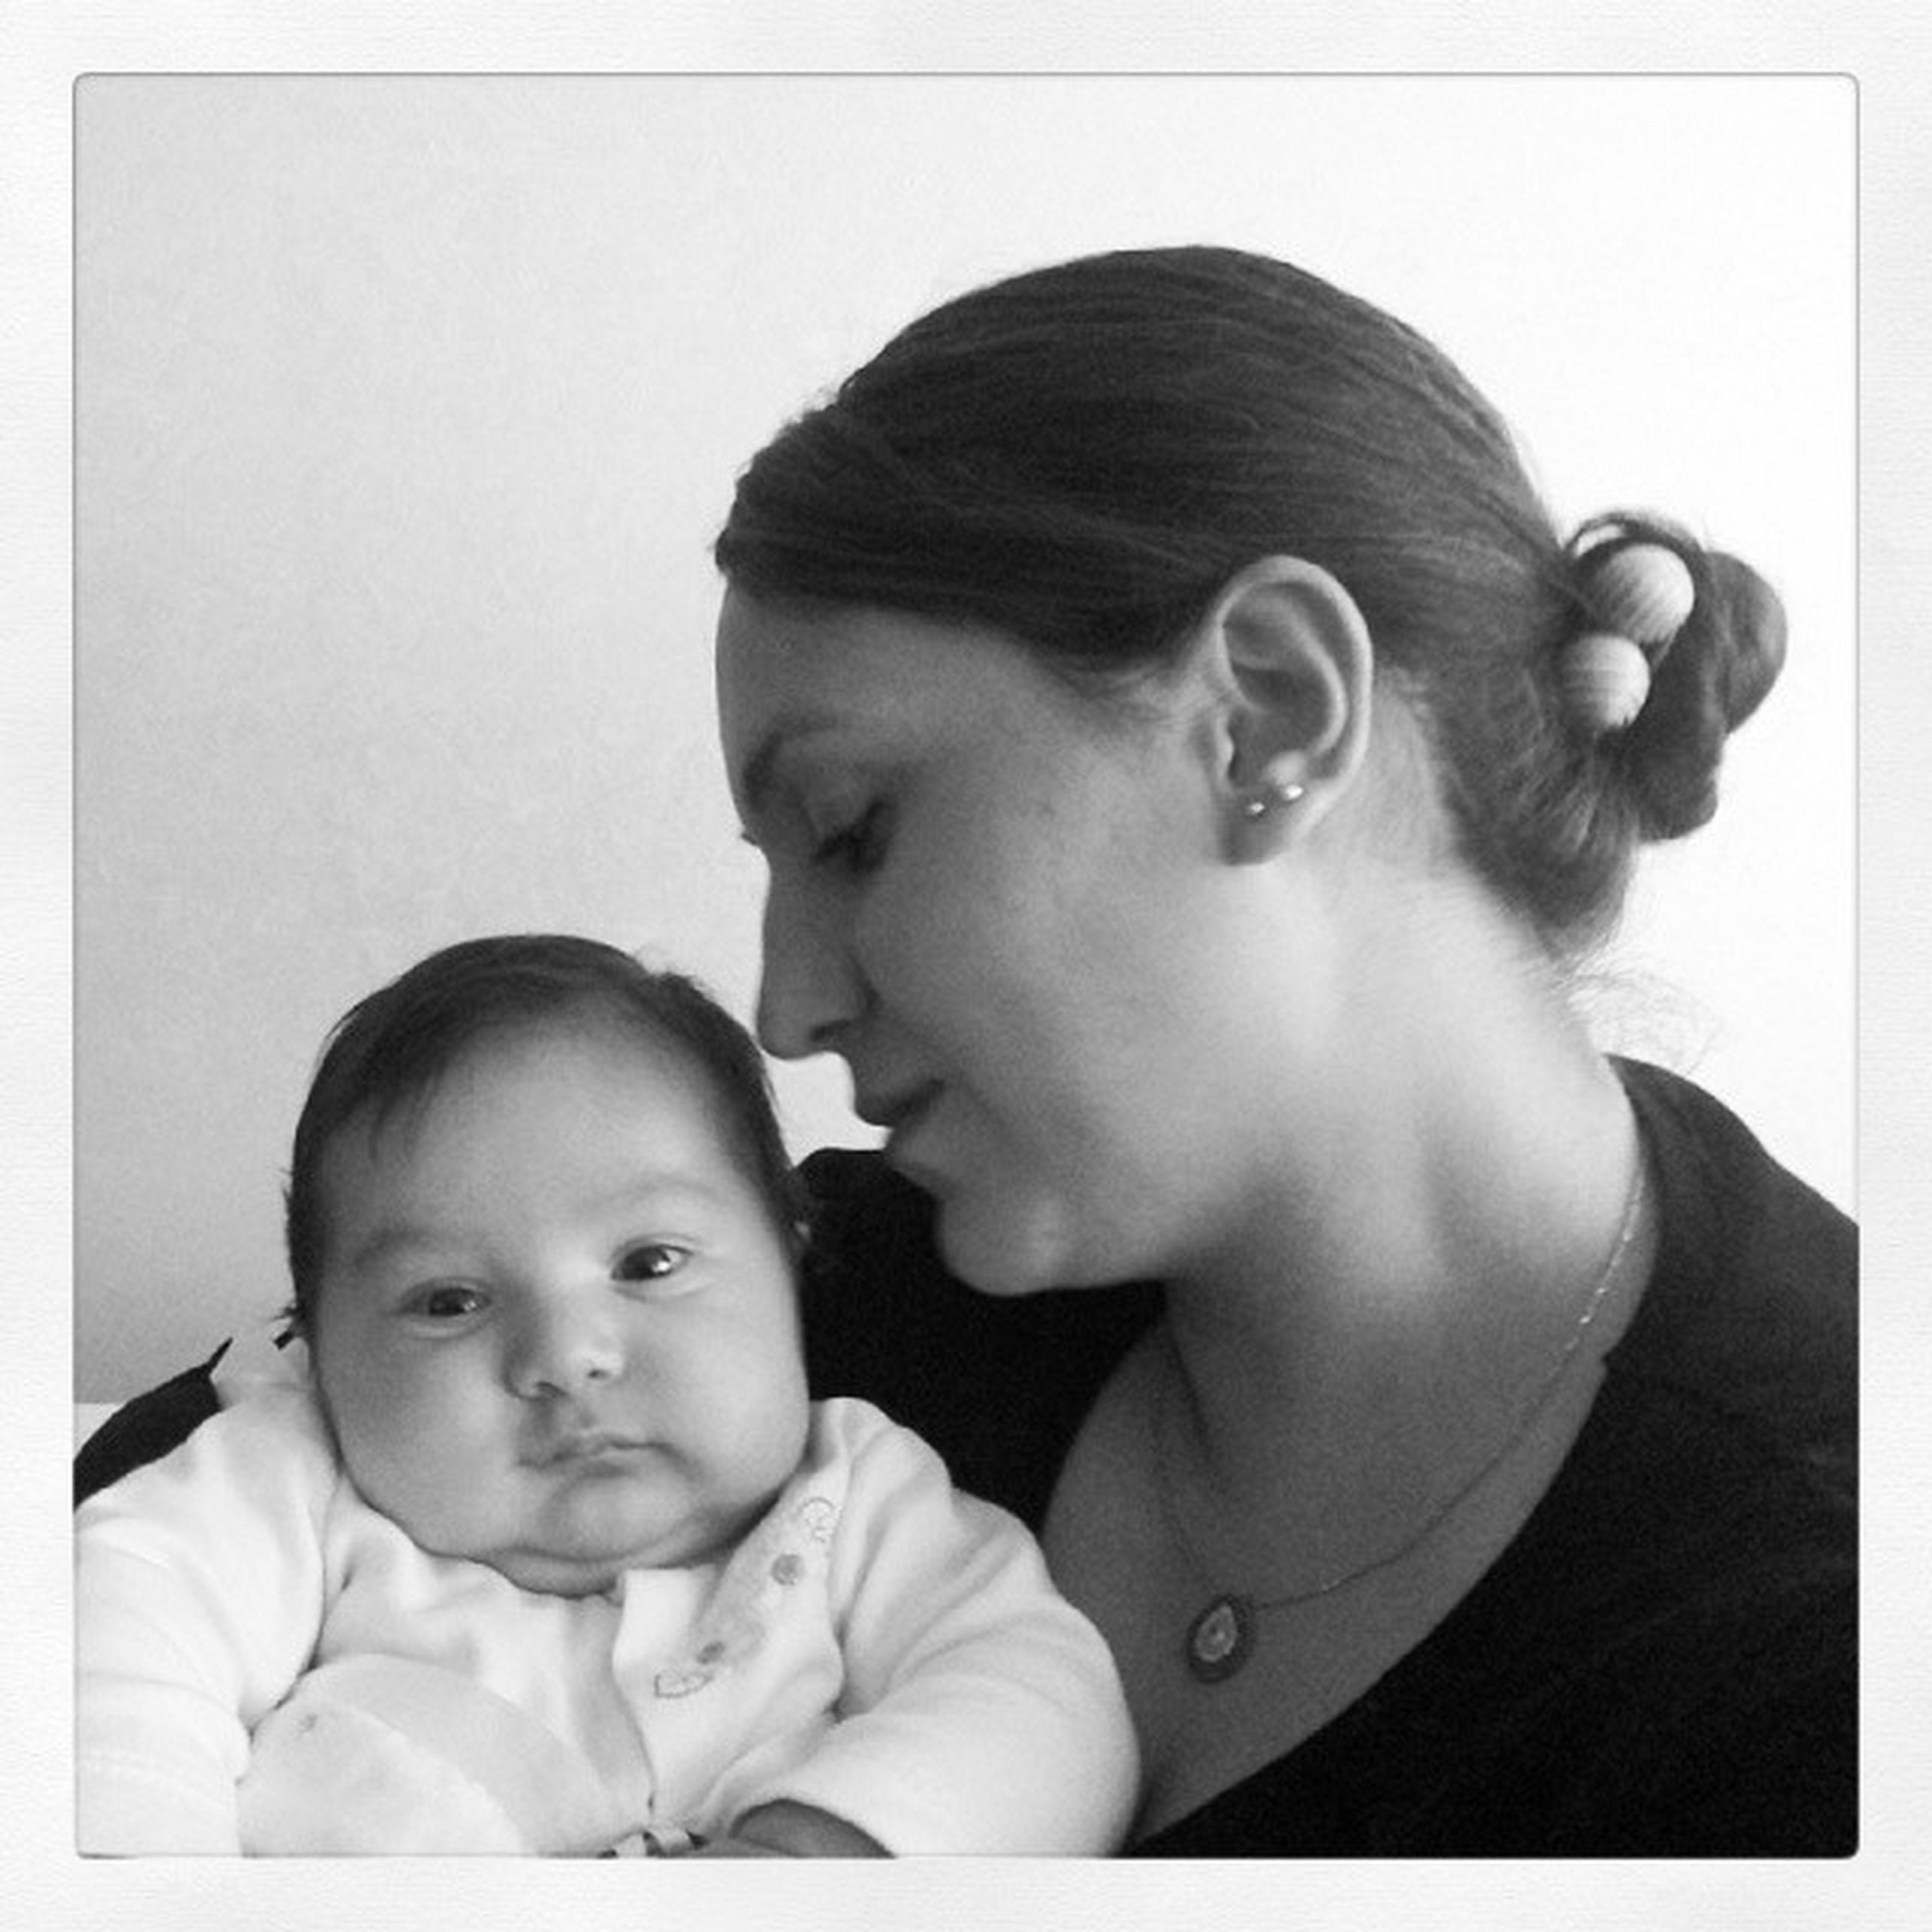 Bebisiyle Mutlu  Nefesim Canim kuzum